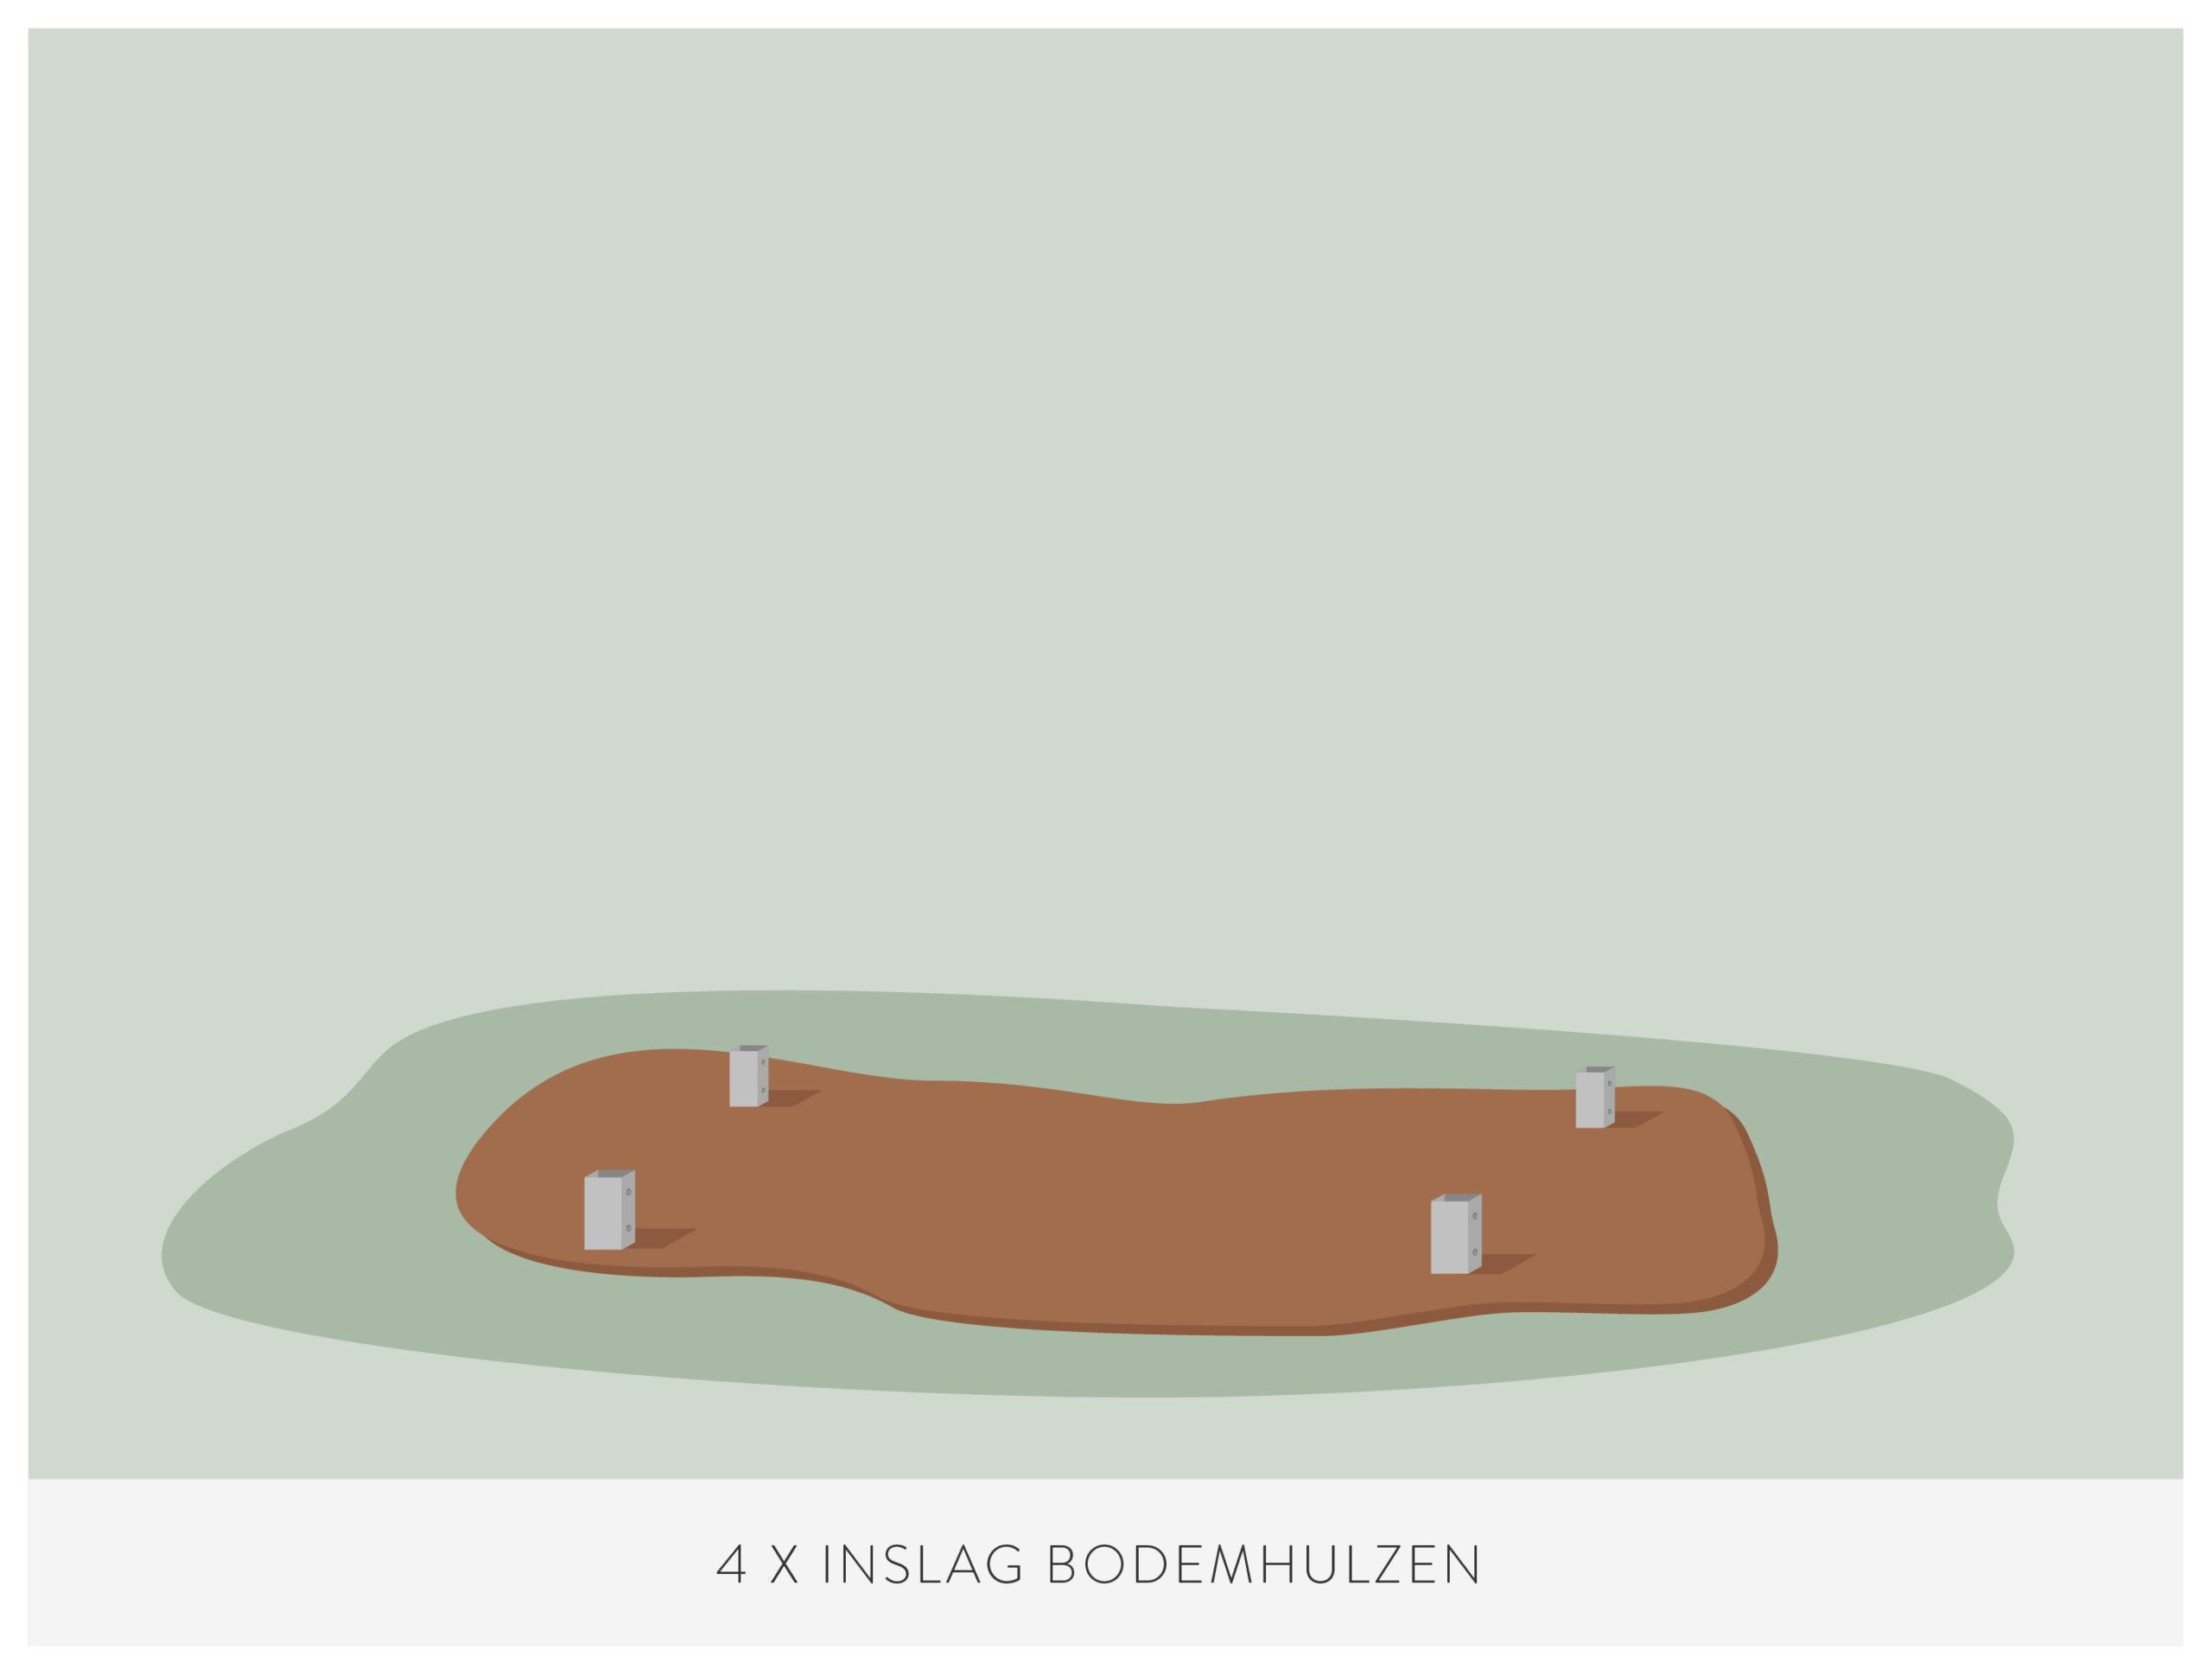 stap 1: inslag bodemhulzen voor het bouwen van een kas